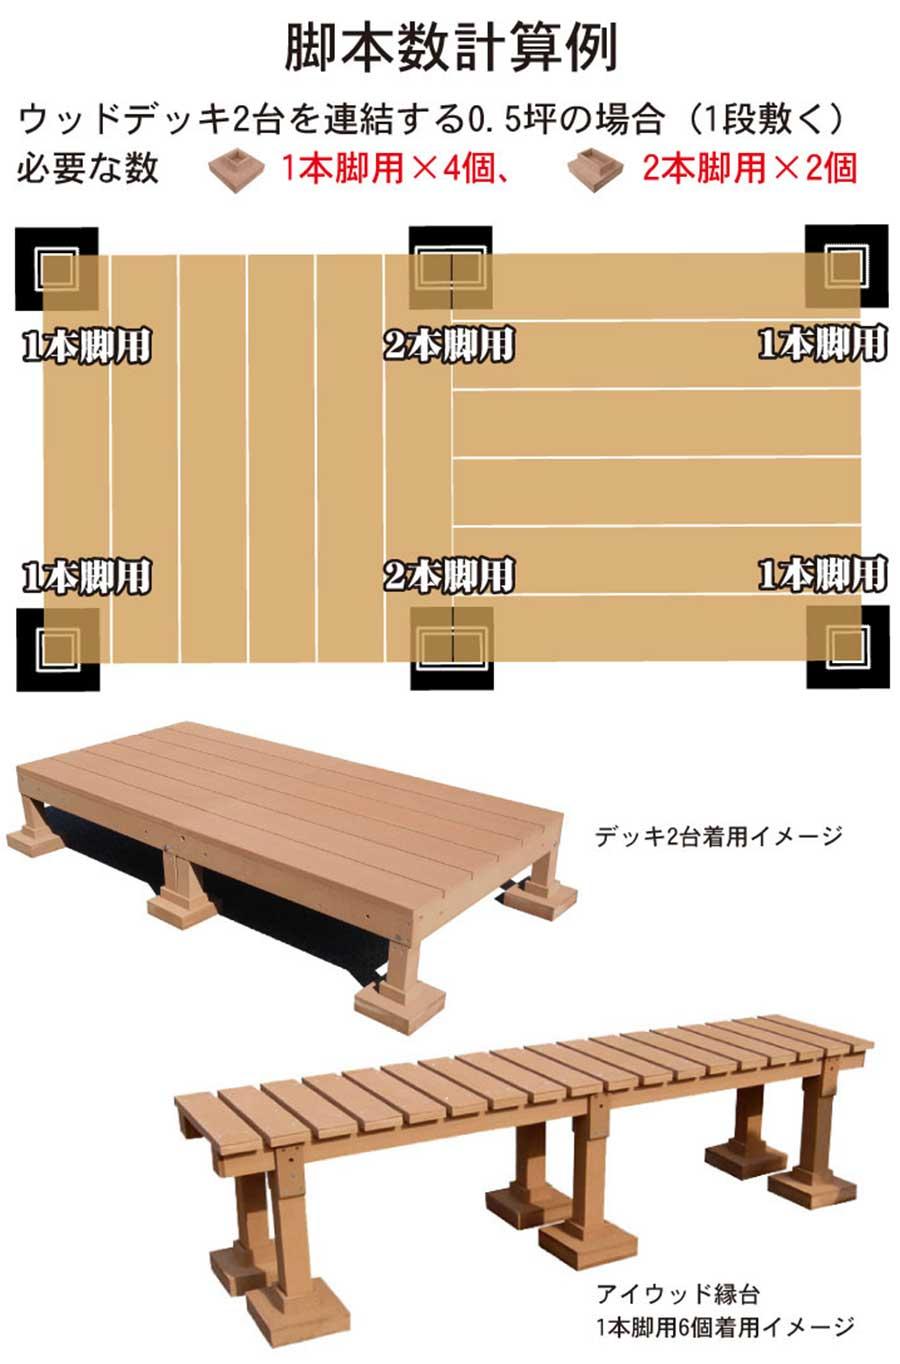 必要な土台の数え方、2台連結したウッドデッキに土台を使用する場合の説明図。